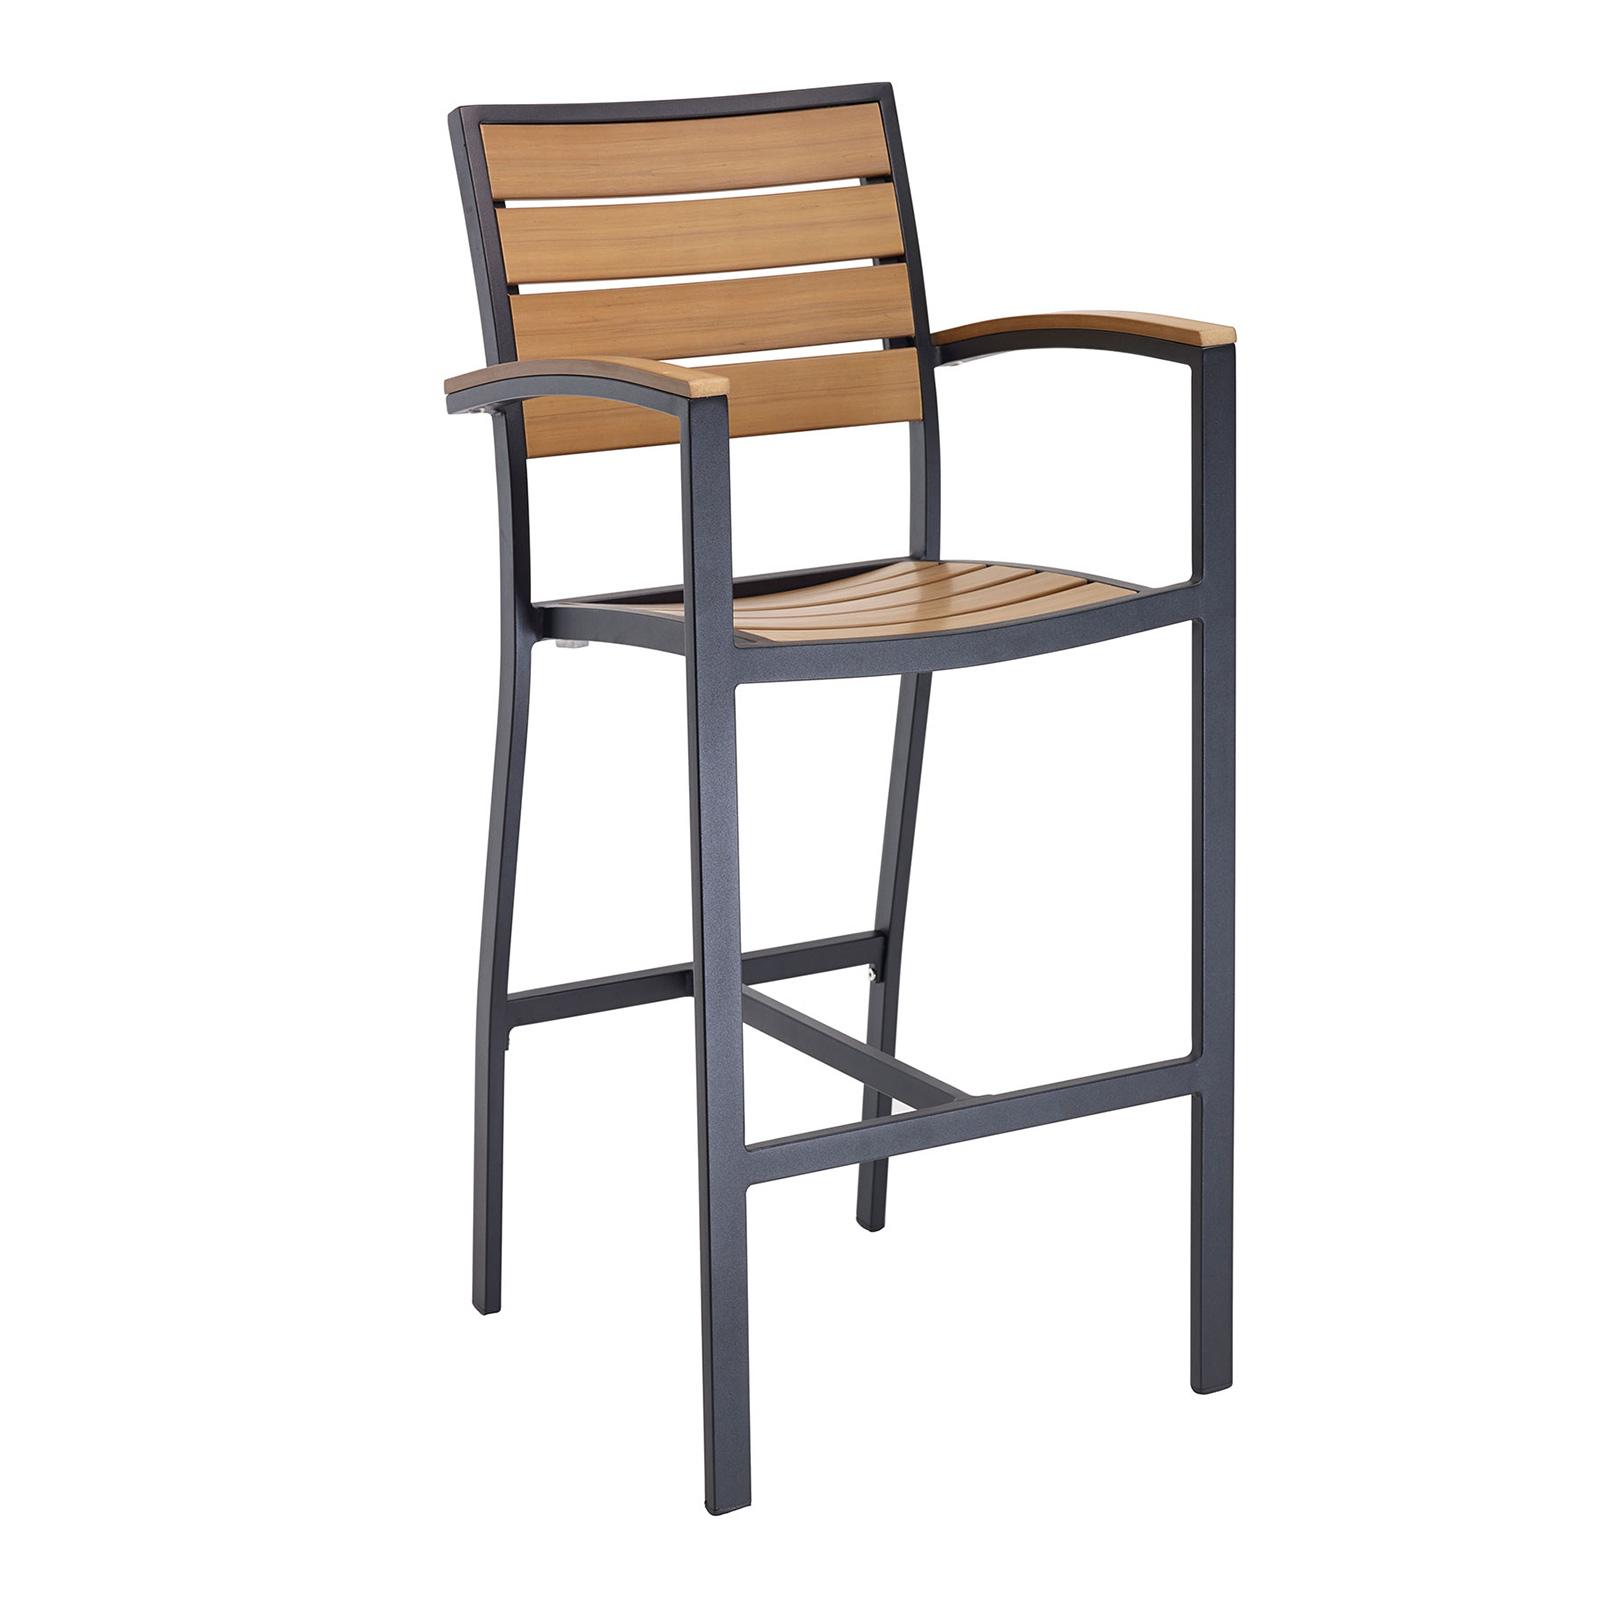 Florida Seating BAL-5602 bar stool, outdoor